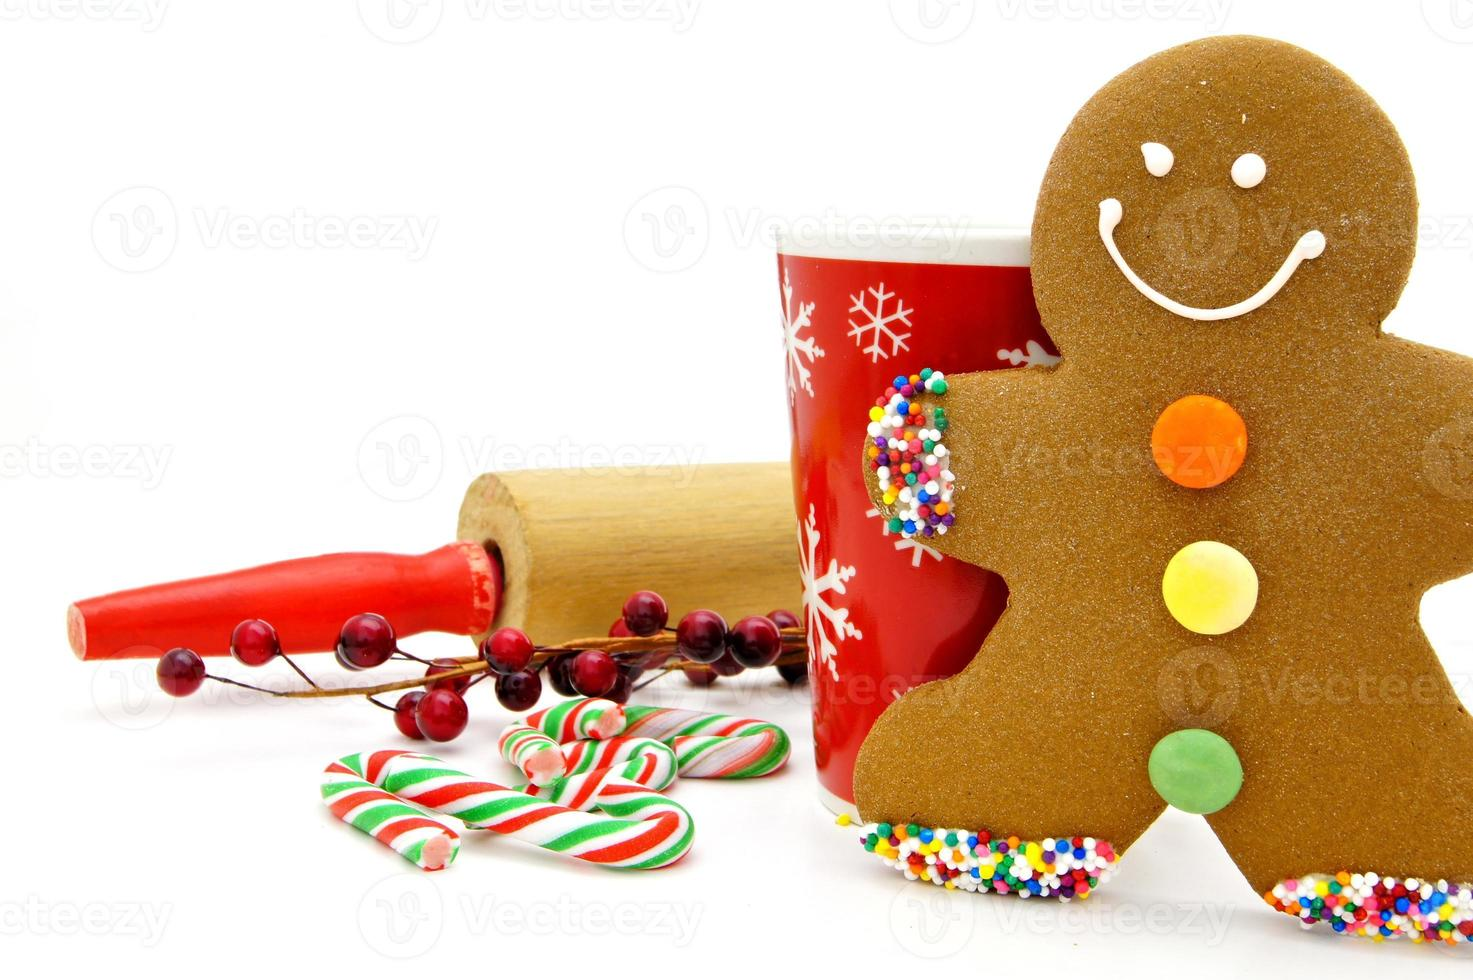 cuisson de Noël photo